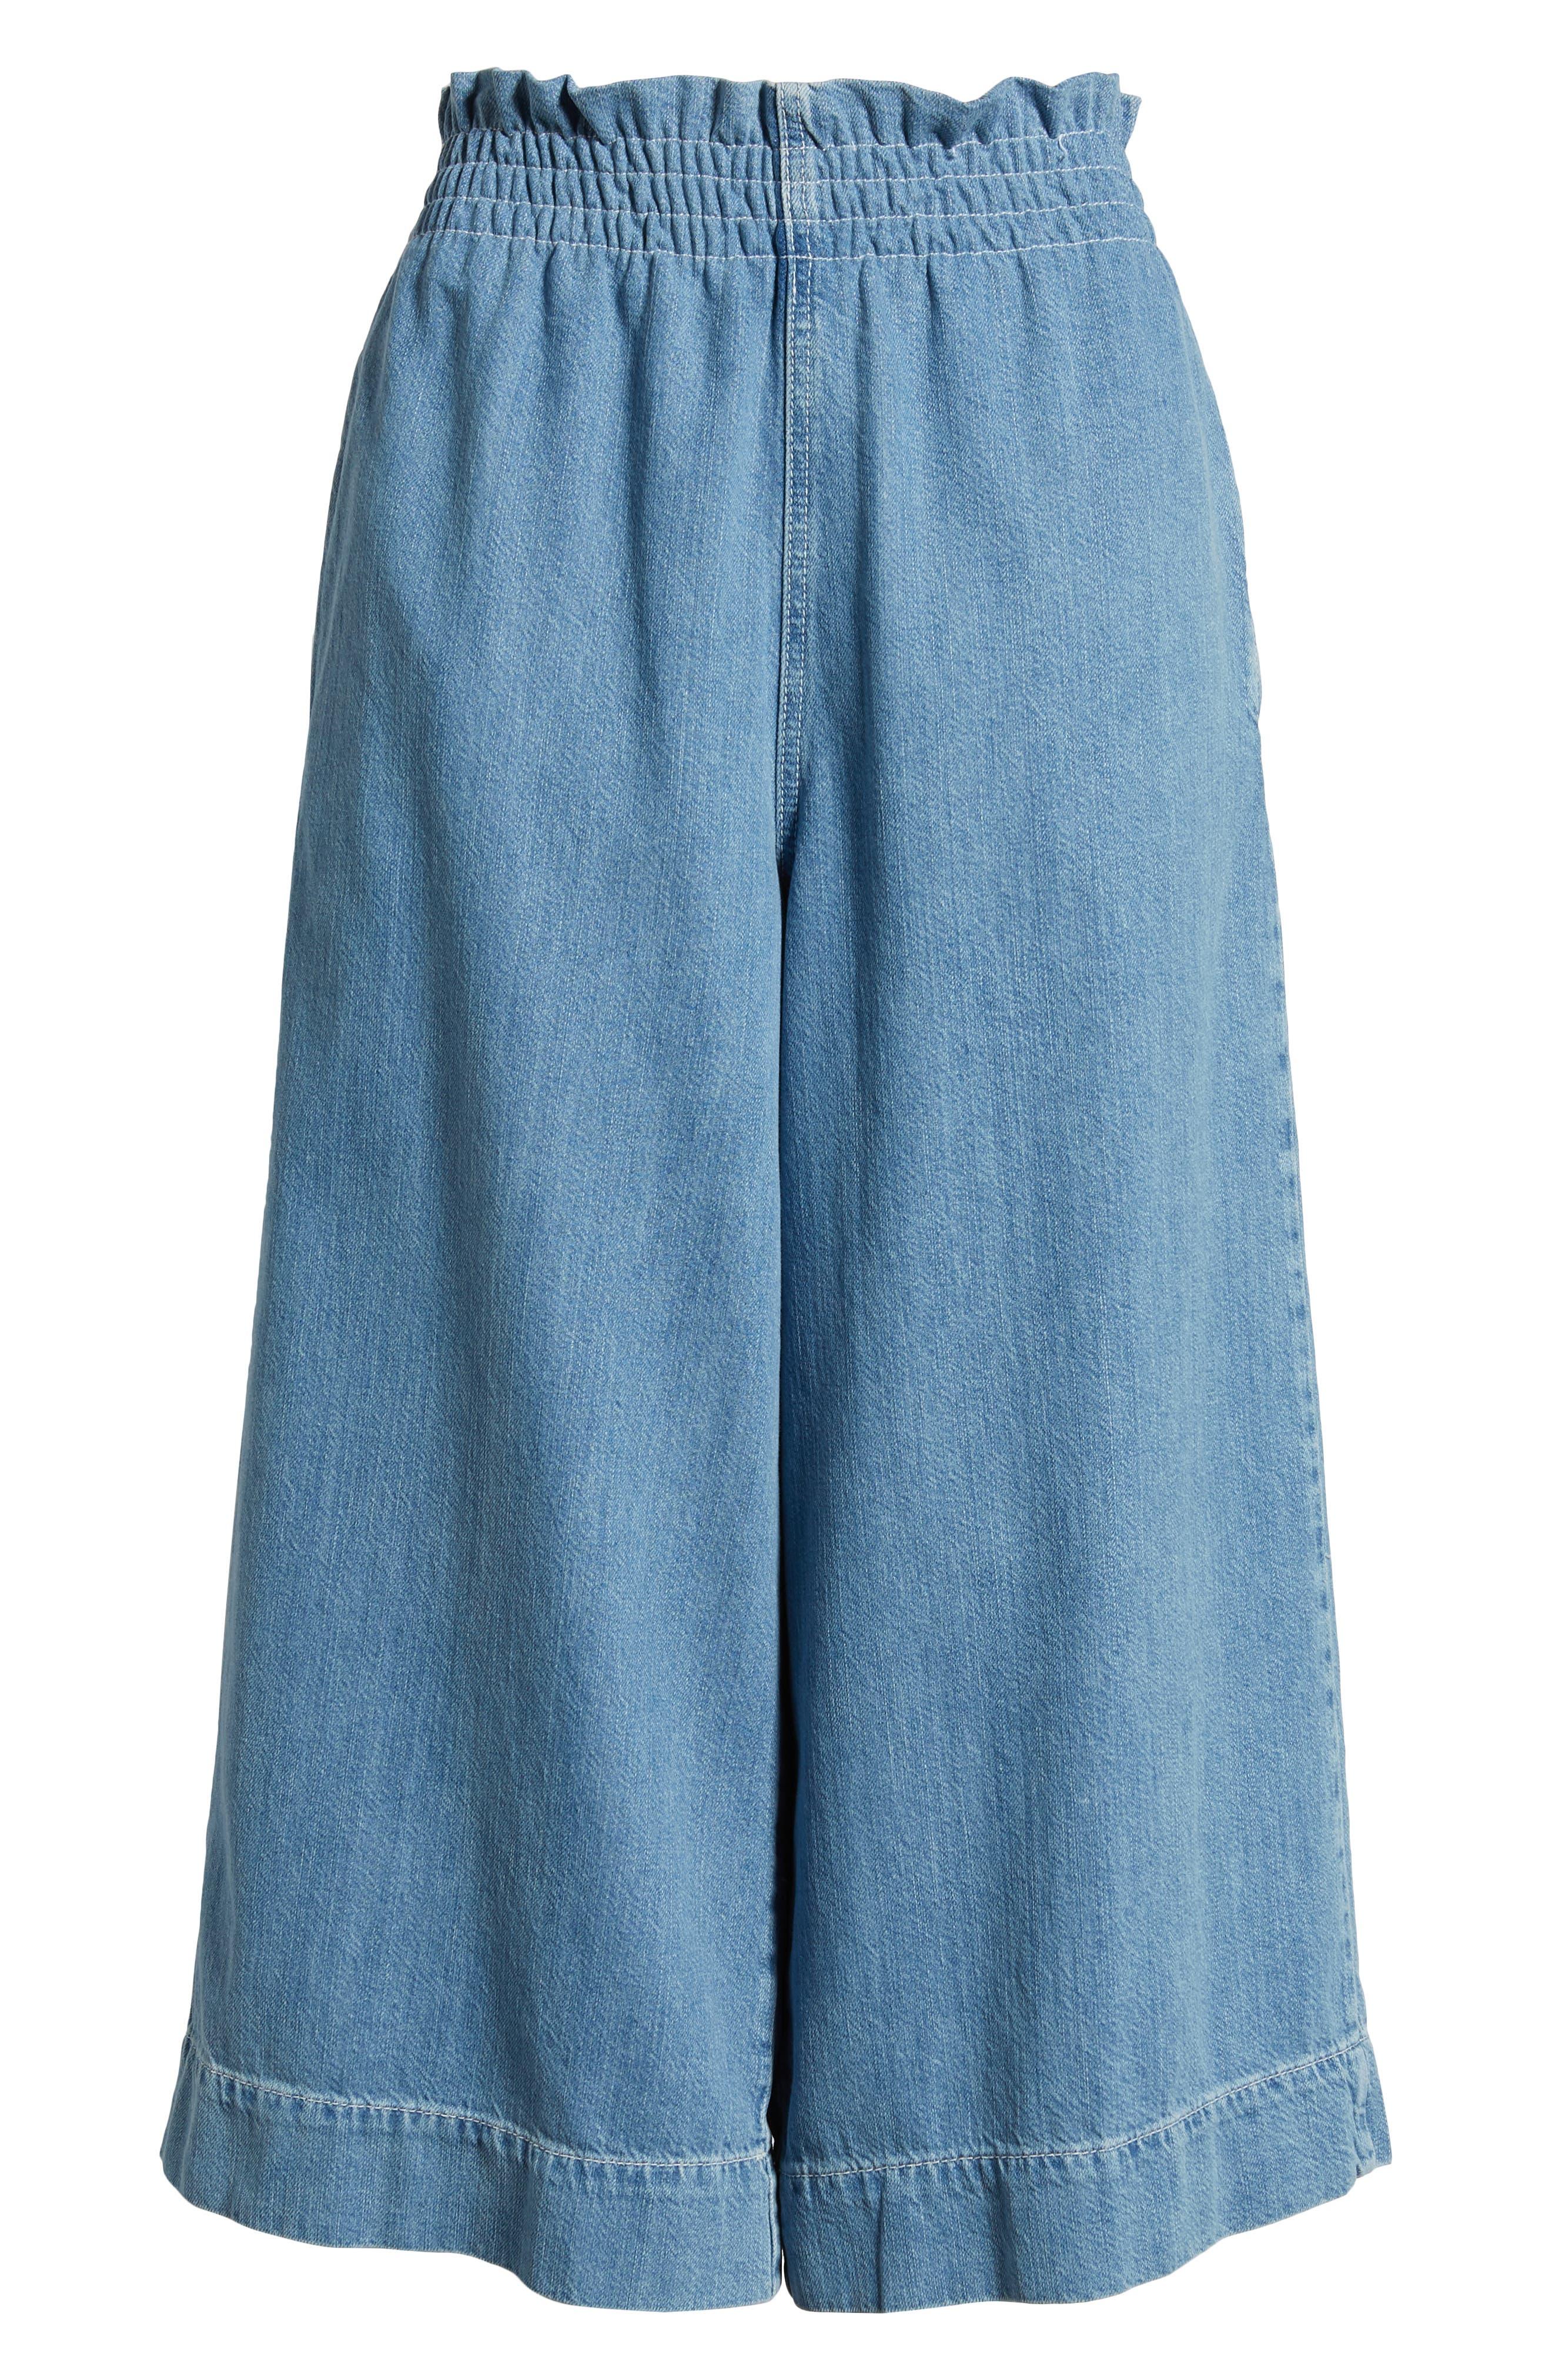 Wide Leg Crop Jeans,                             Alternate thumbnail 7, color,                             LIGHT DENIM